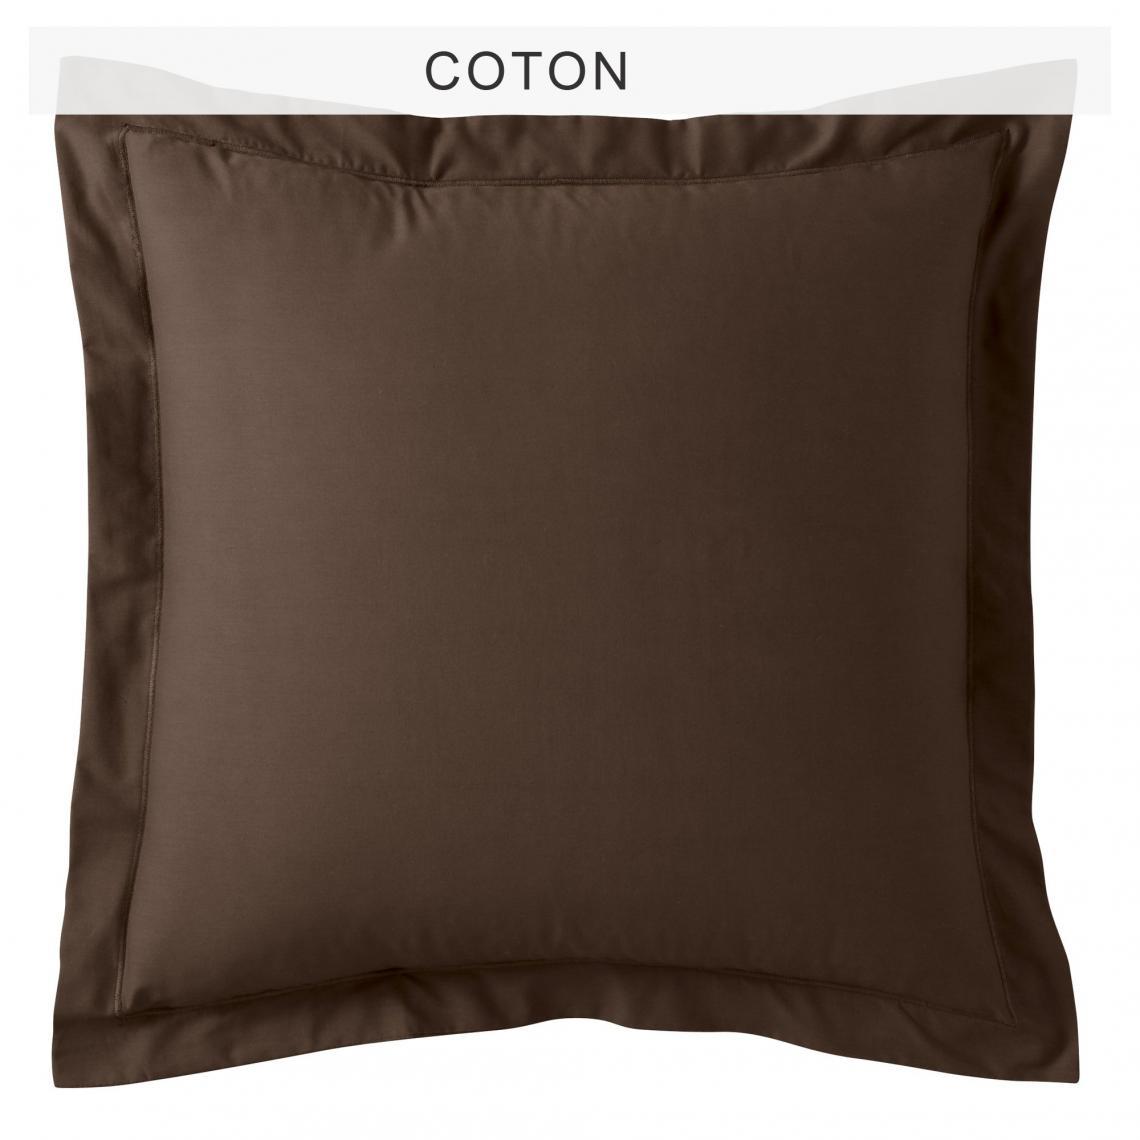 Chambre Chocolat Et Vert Anis taie d'oreiller polycoton tertio® - chocolat/vert anis 1 avis plus de  détails